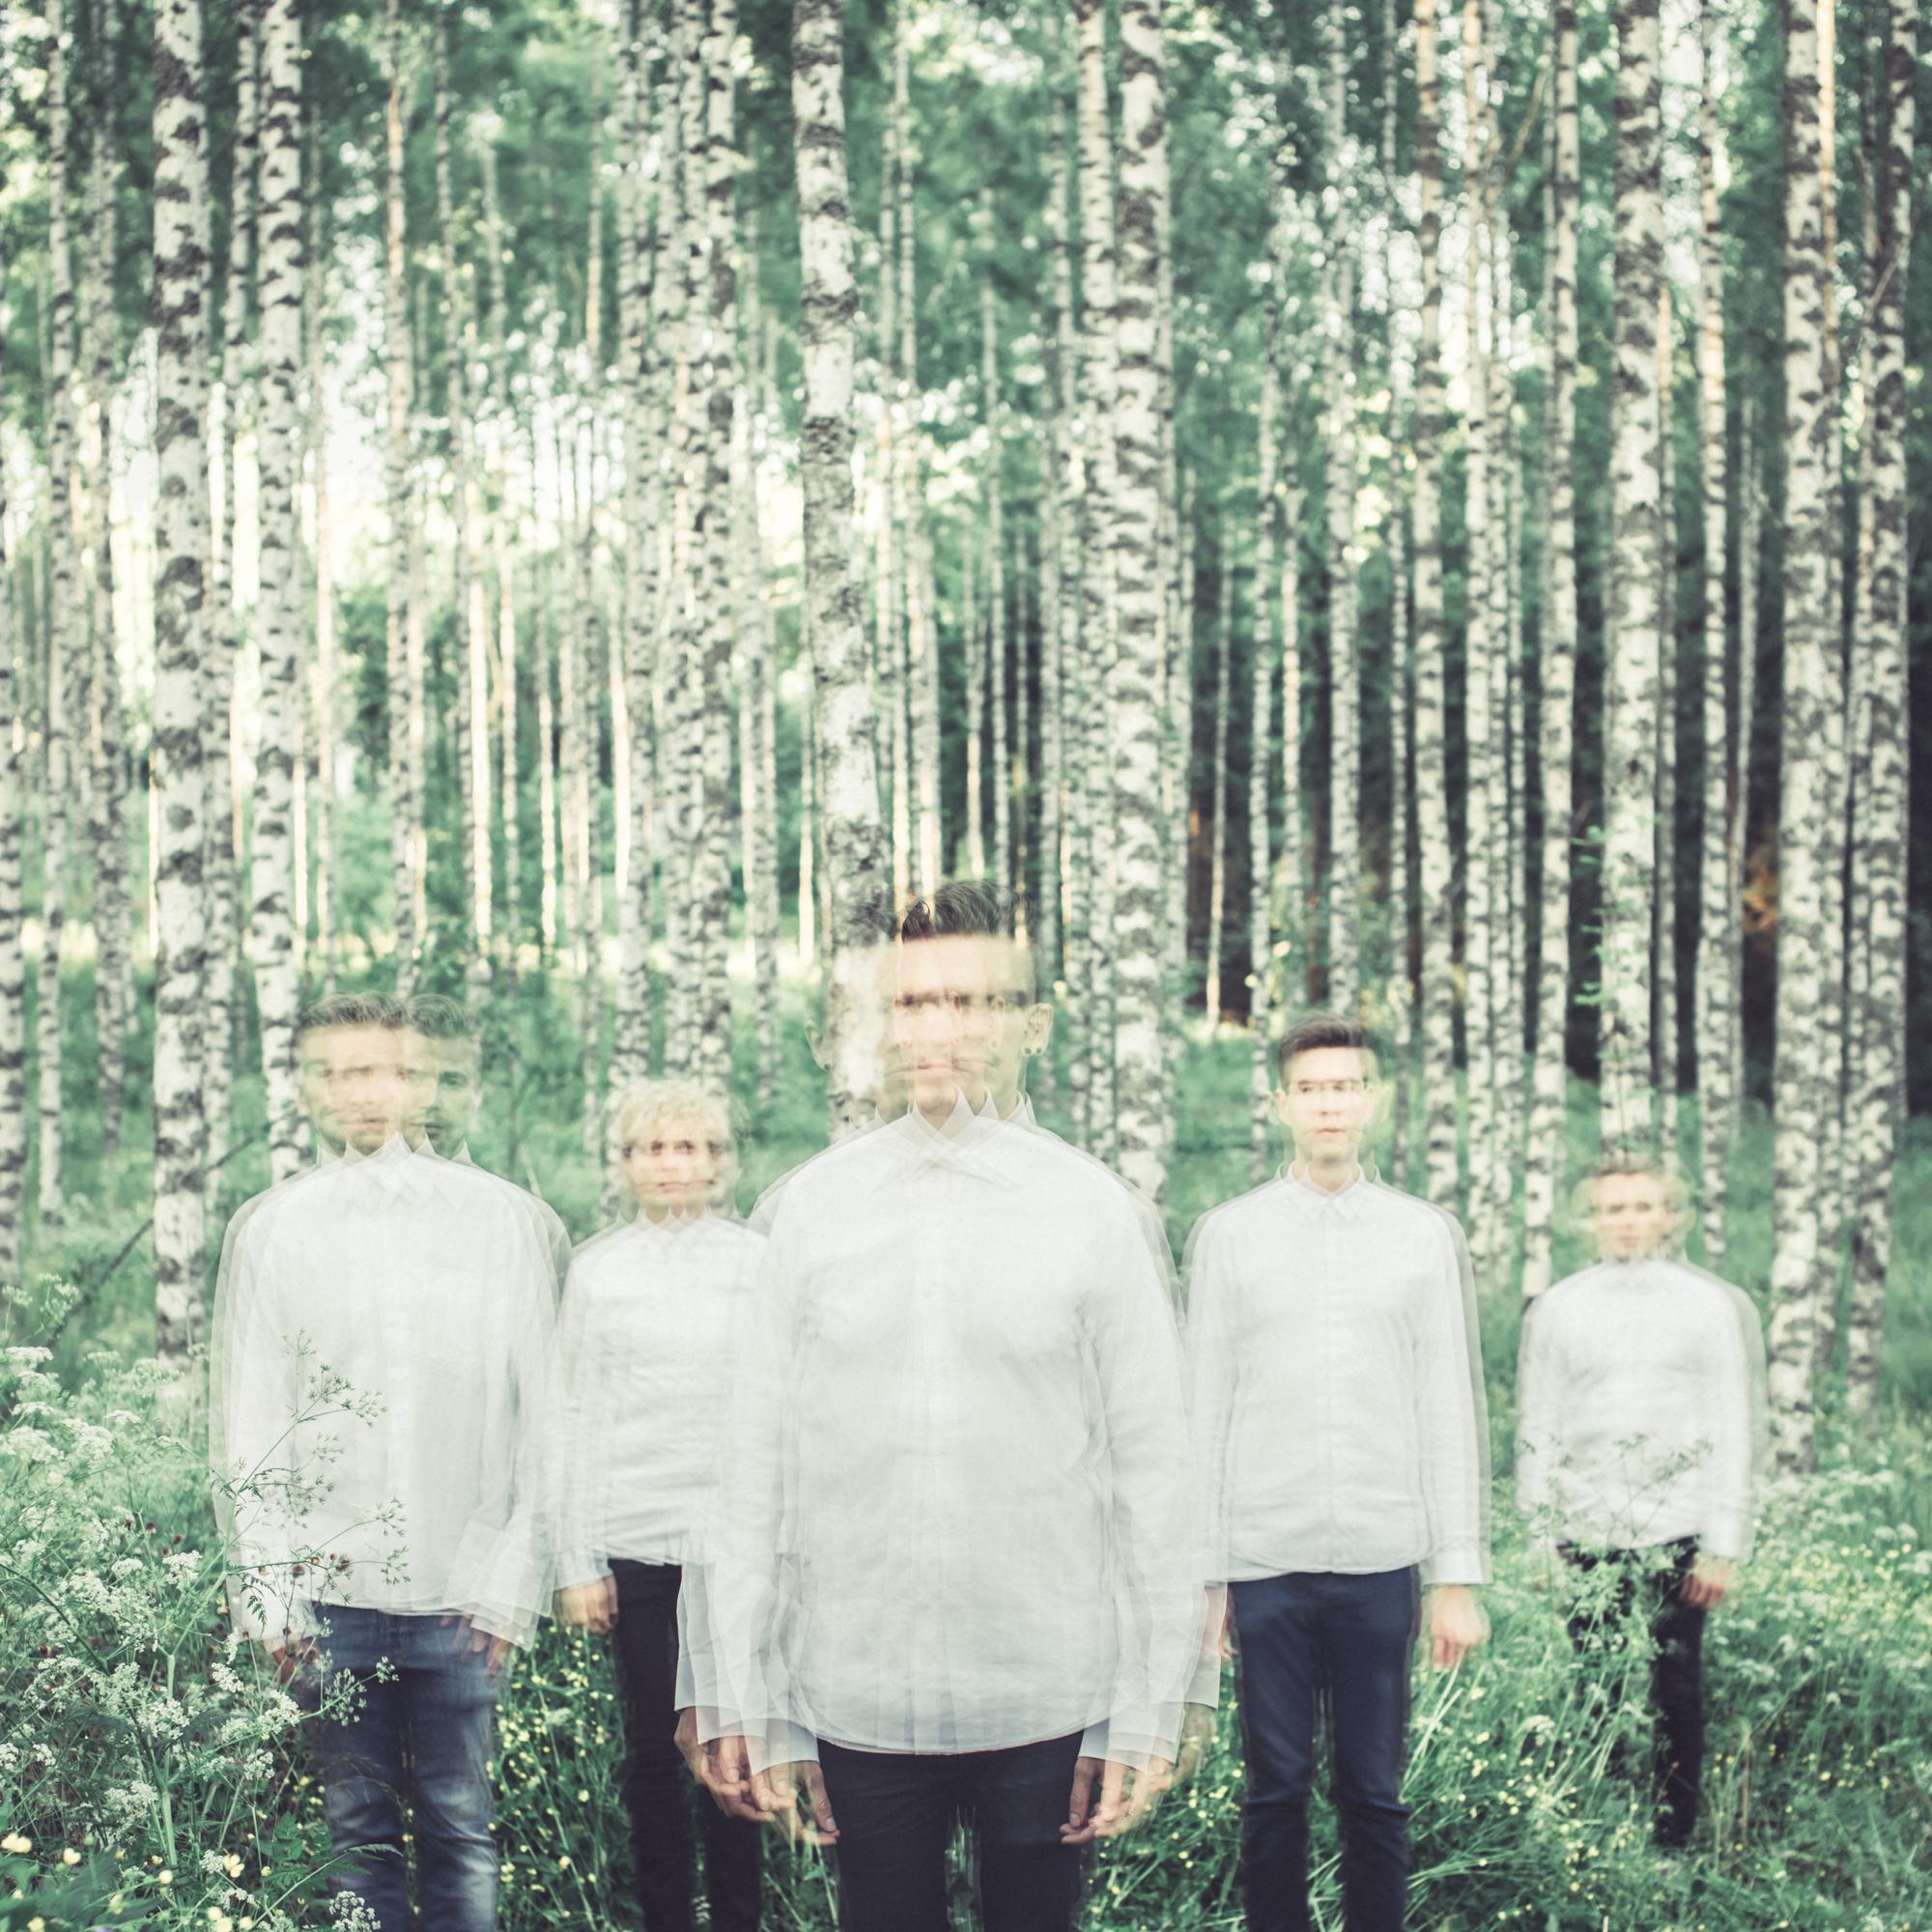 Revival Hymns julkaisi uutta musiikkia seitsemän vuoden tauon jälkeen